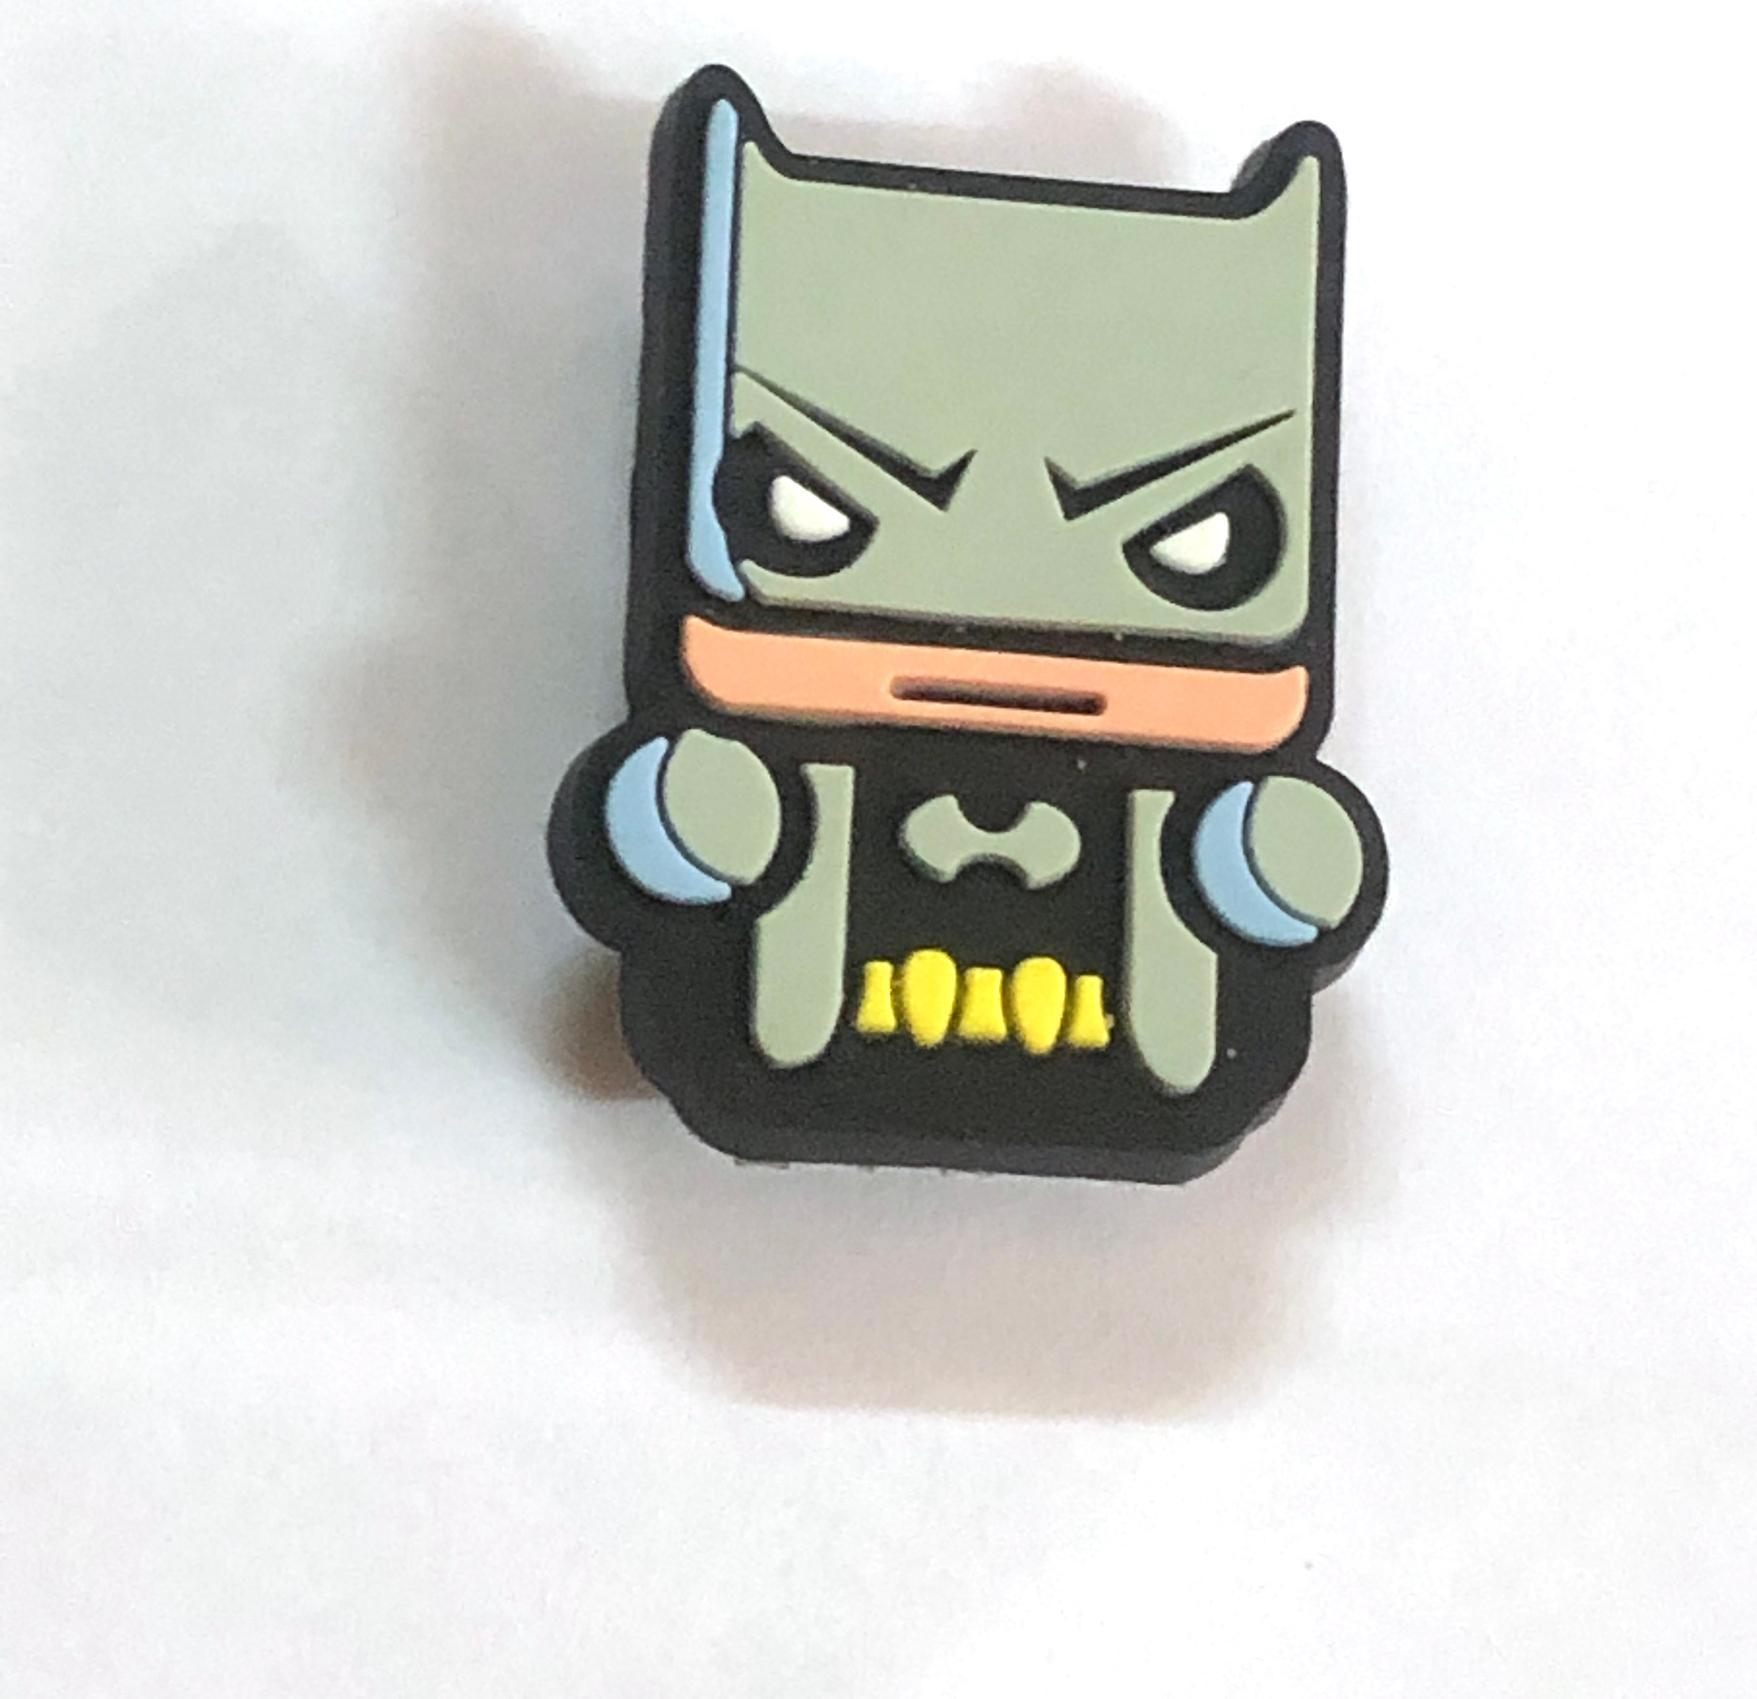 Combo 5 cái Sticker / Jibbitz, nút gắn dép sục, dép cá sấu dạng to hình siêu anh hùng